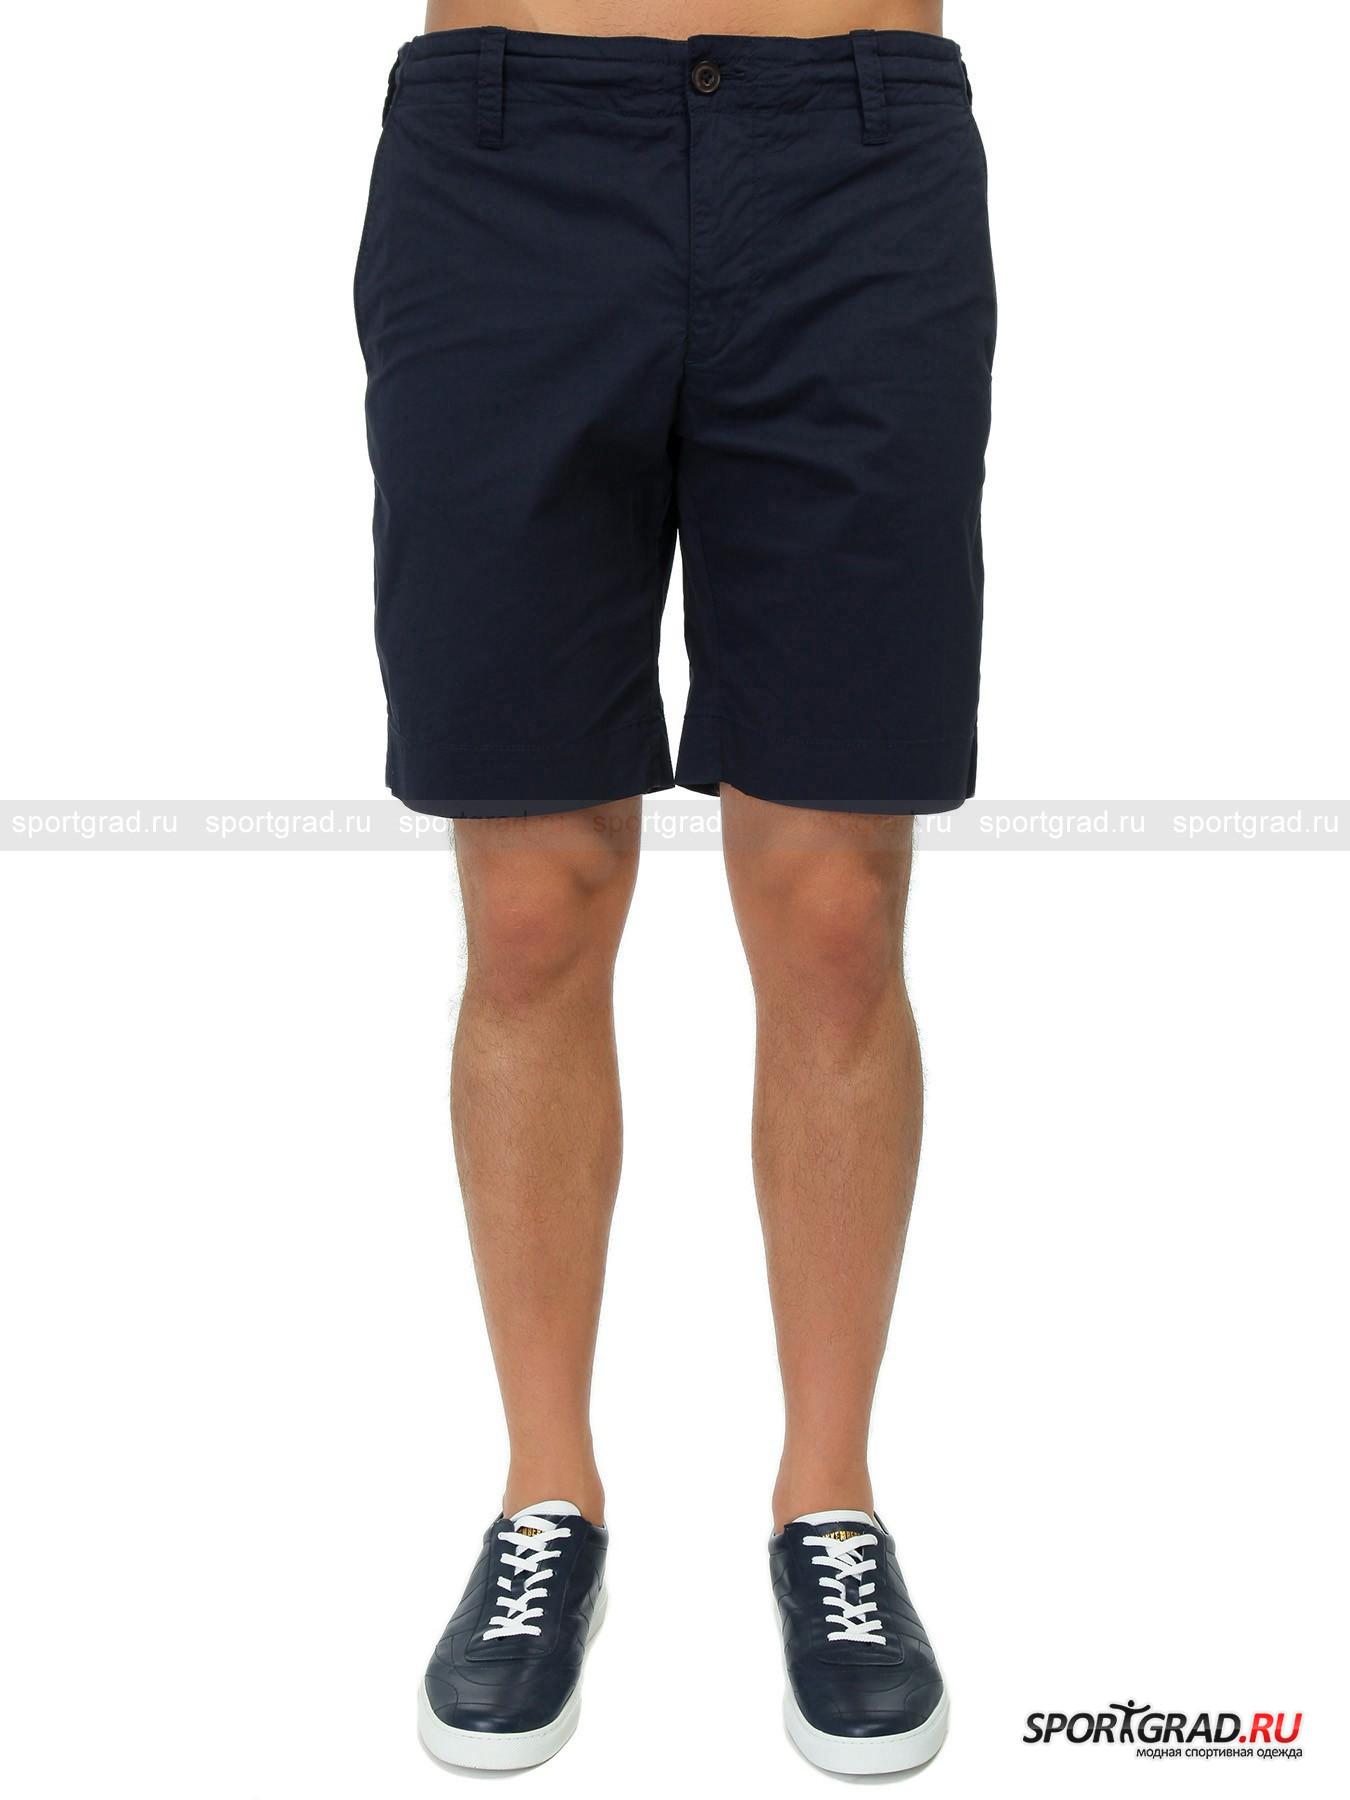 Шорты мужские MARINA YACHTINGШорты, Велосипедки<br>Стильные шорты-чиносы продолжают оставаться в тренде, и это не удивительно, ведь они абсолютно незаменимы и превосходно сочетаются с самой разнообразной одеждой. К ним отлично подойдут как топсайдеры с поло или рубашка с лофферами, так и кроссовки с футболкой. Они выполнены из гладкой хлопковой ткани стретч, снабжены удобным притачным поясом со шнурком, 4 карманами и усиленной прострочкой швов. Минимализм как он есть от респектабельной европейской марки Marina Yachting.<br><br>Пол: Мужской<br>Возраст: Взрослый<br>Тип: Шорты, Велосипедки<br>Рекомендации по уходу: Деликатная ручная стирка при температуре 30 градусов, щадящий ручной отжим, гладить при температуре до 120 градусов.<br>Состав: 98% хлопок, 2% эластан